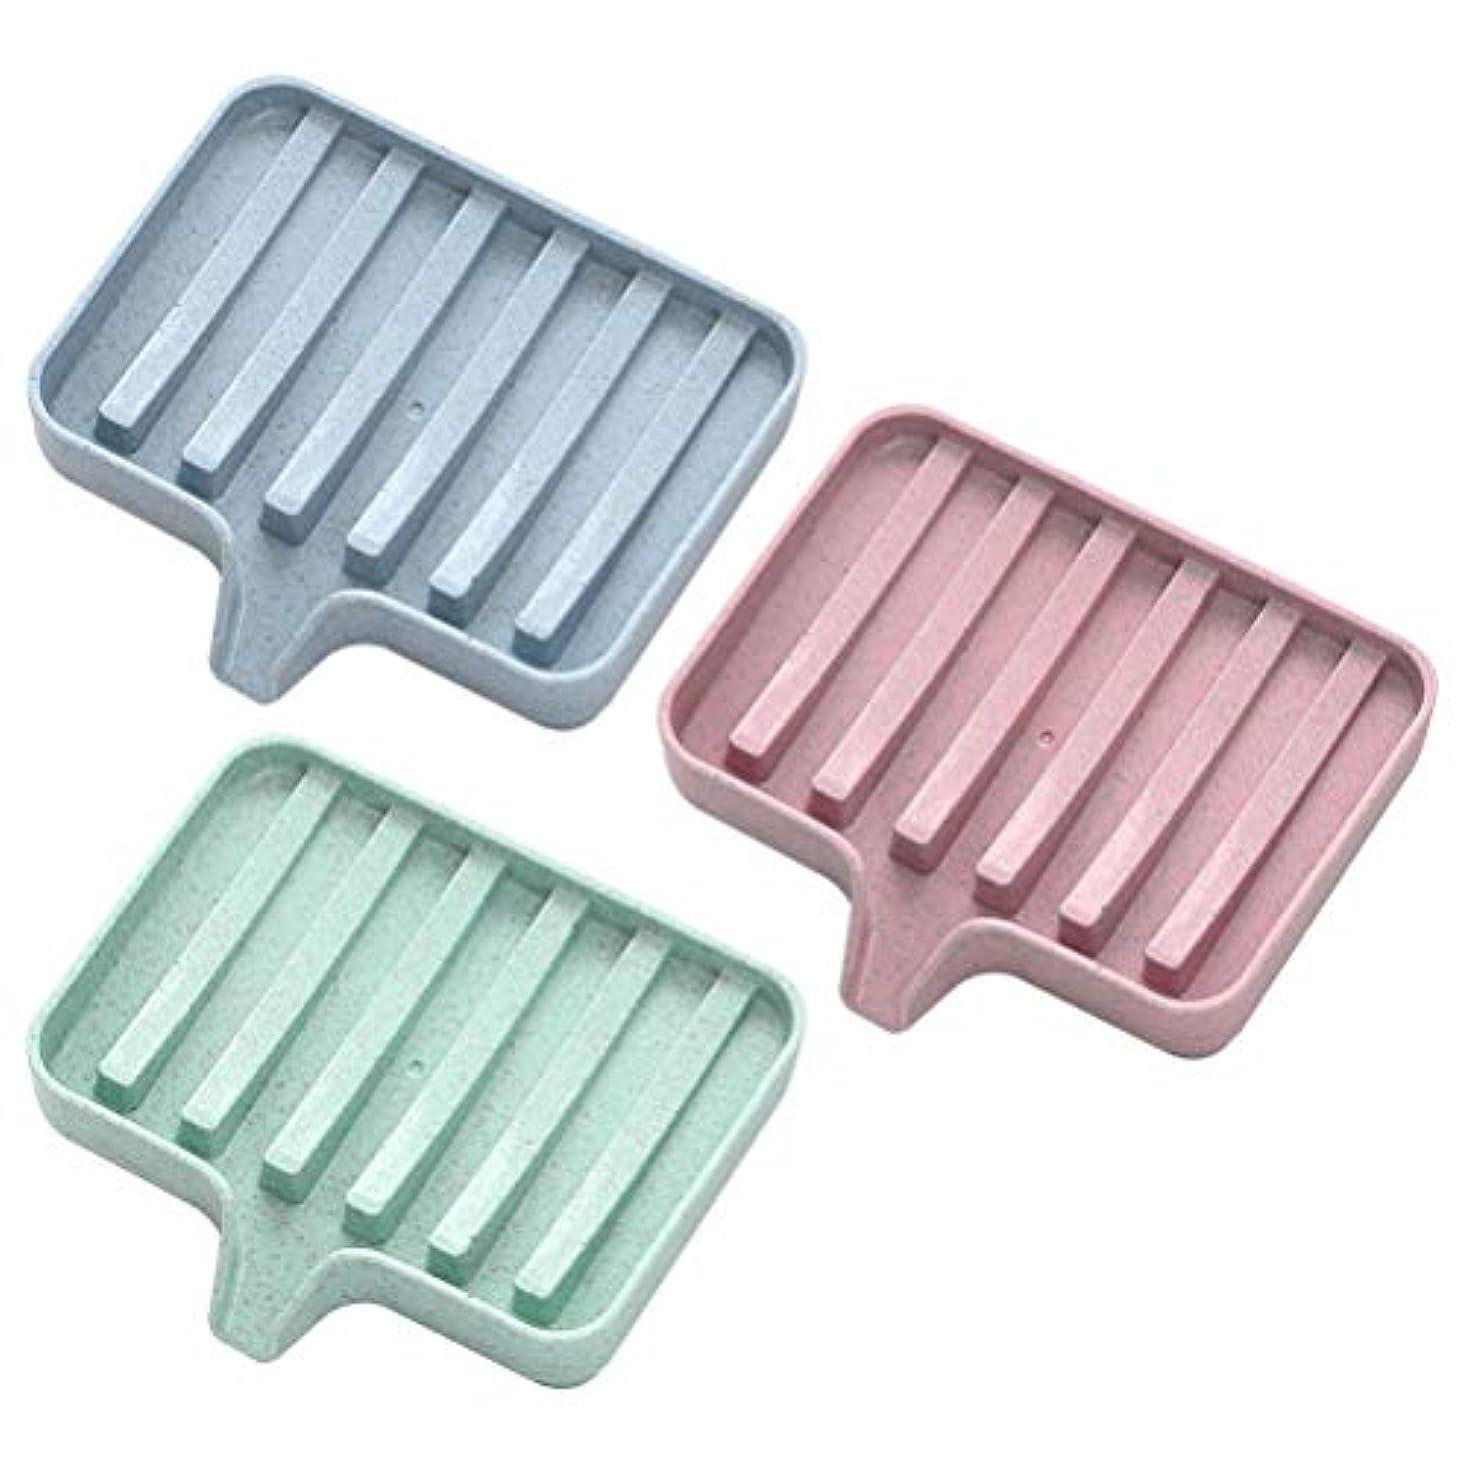 添加剤クリック十ROSENICE ソリッドカラーソープディッシュソープボックスホルダードレイン3pcs(ピンク+グリーン+ブルー)